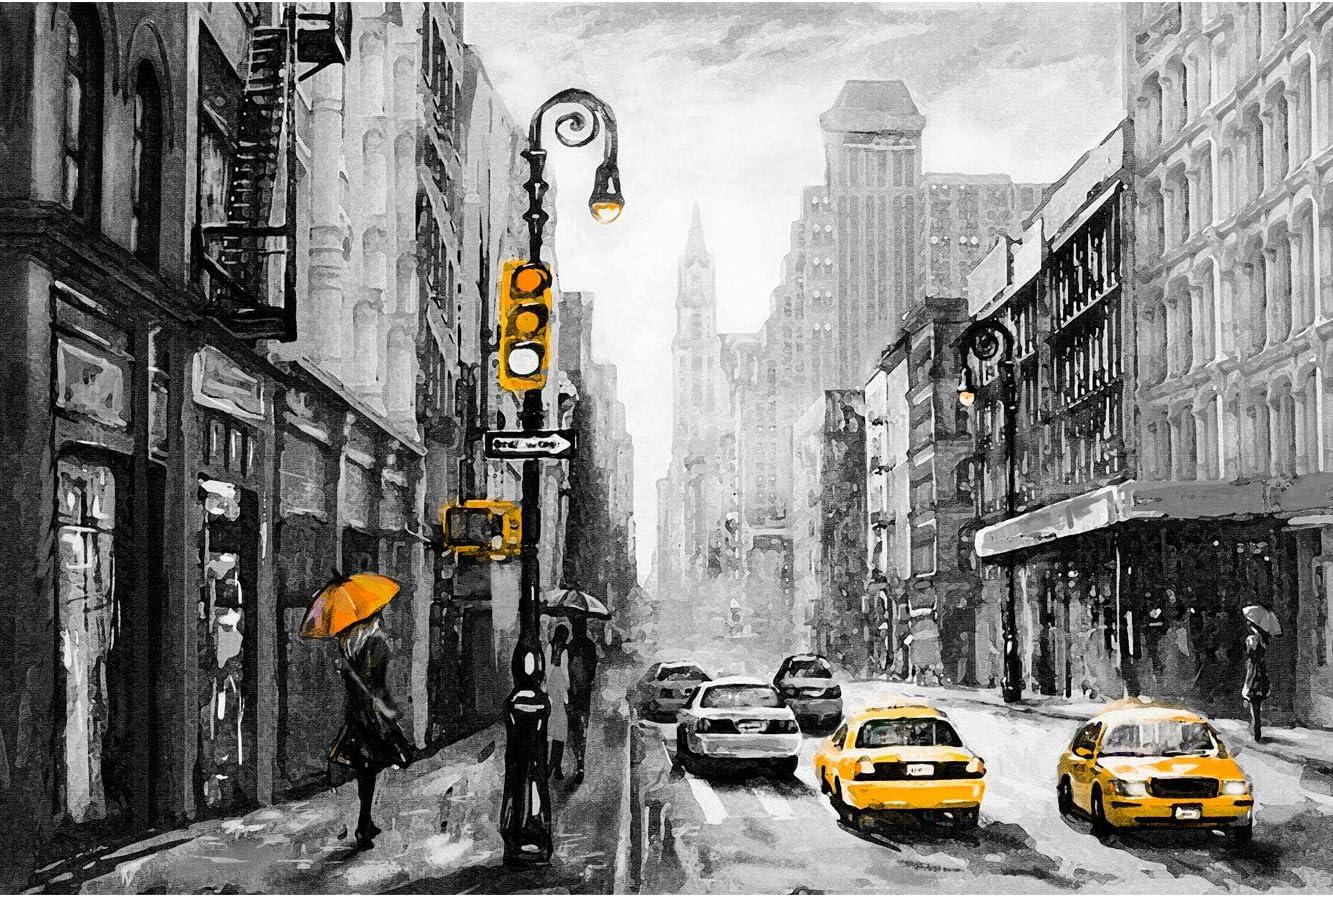 Adhesivo Resistente y Econ/ómico Pegatina Adhesiva Decorativa de Dise/ño Elegante Oedim Vinilo para Frigor/ífico York en Carboncillo 185x60cm